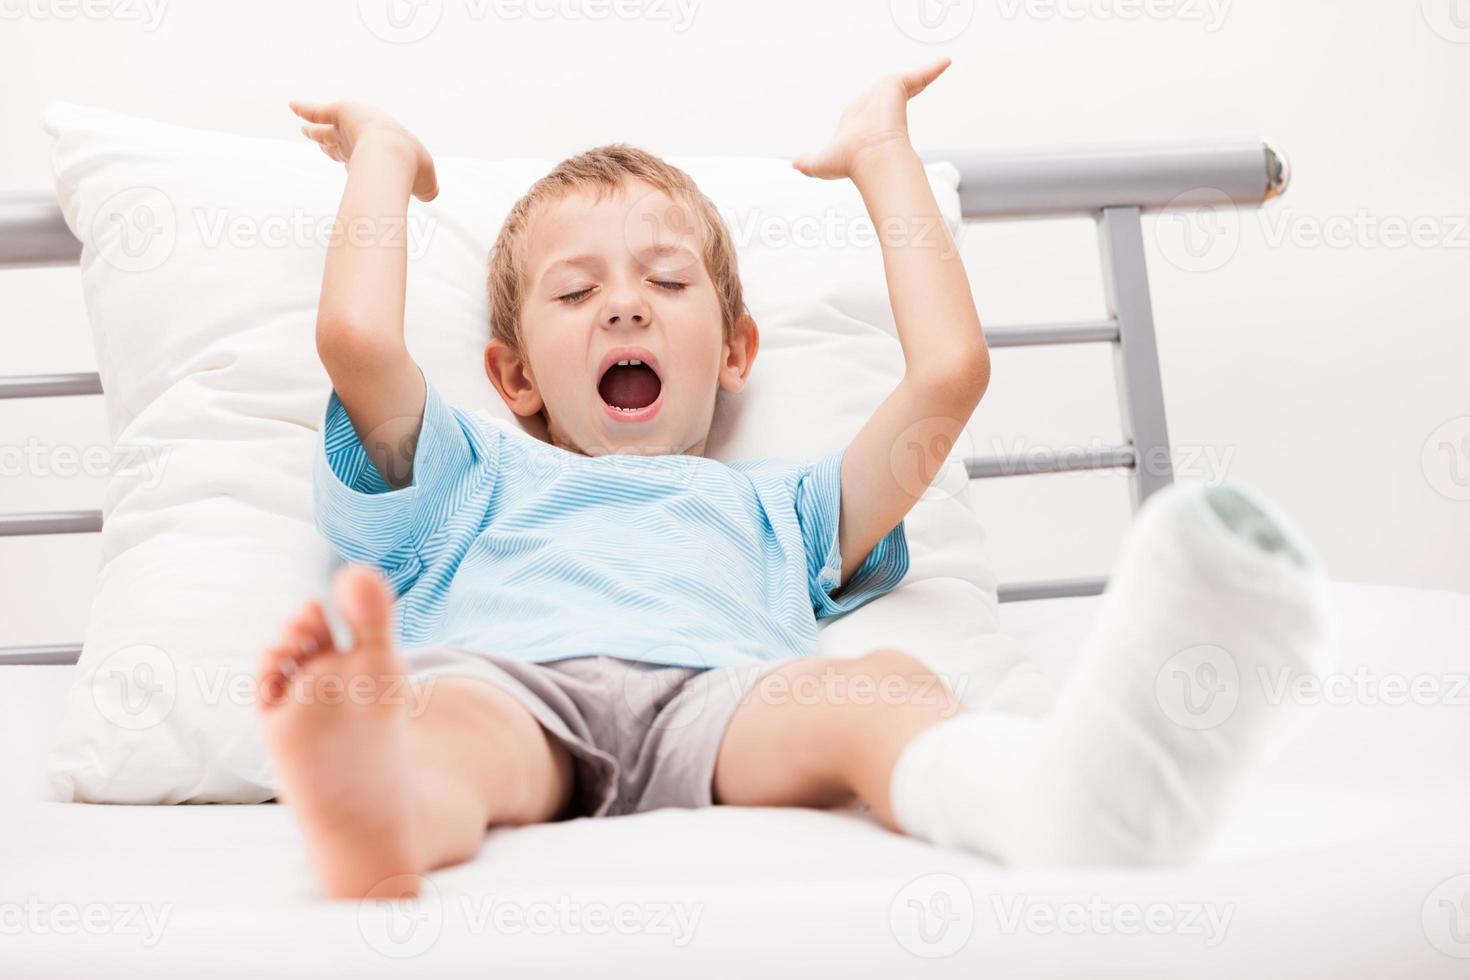 frattura del tallone della gamba del bambino o bendaggio dell'intonaco dell'osso del piede rotto foto